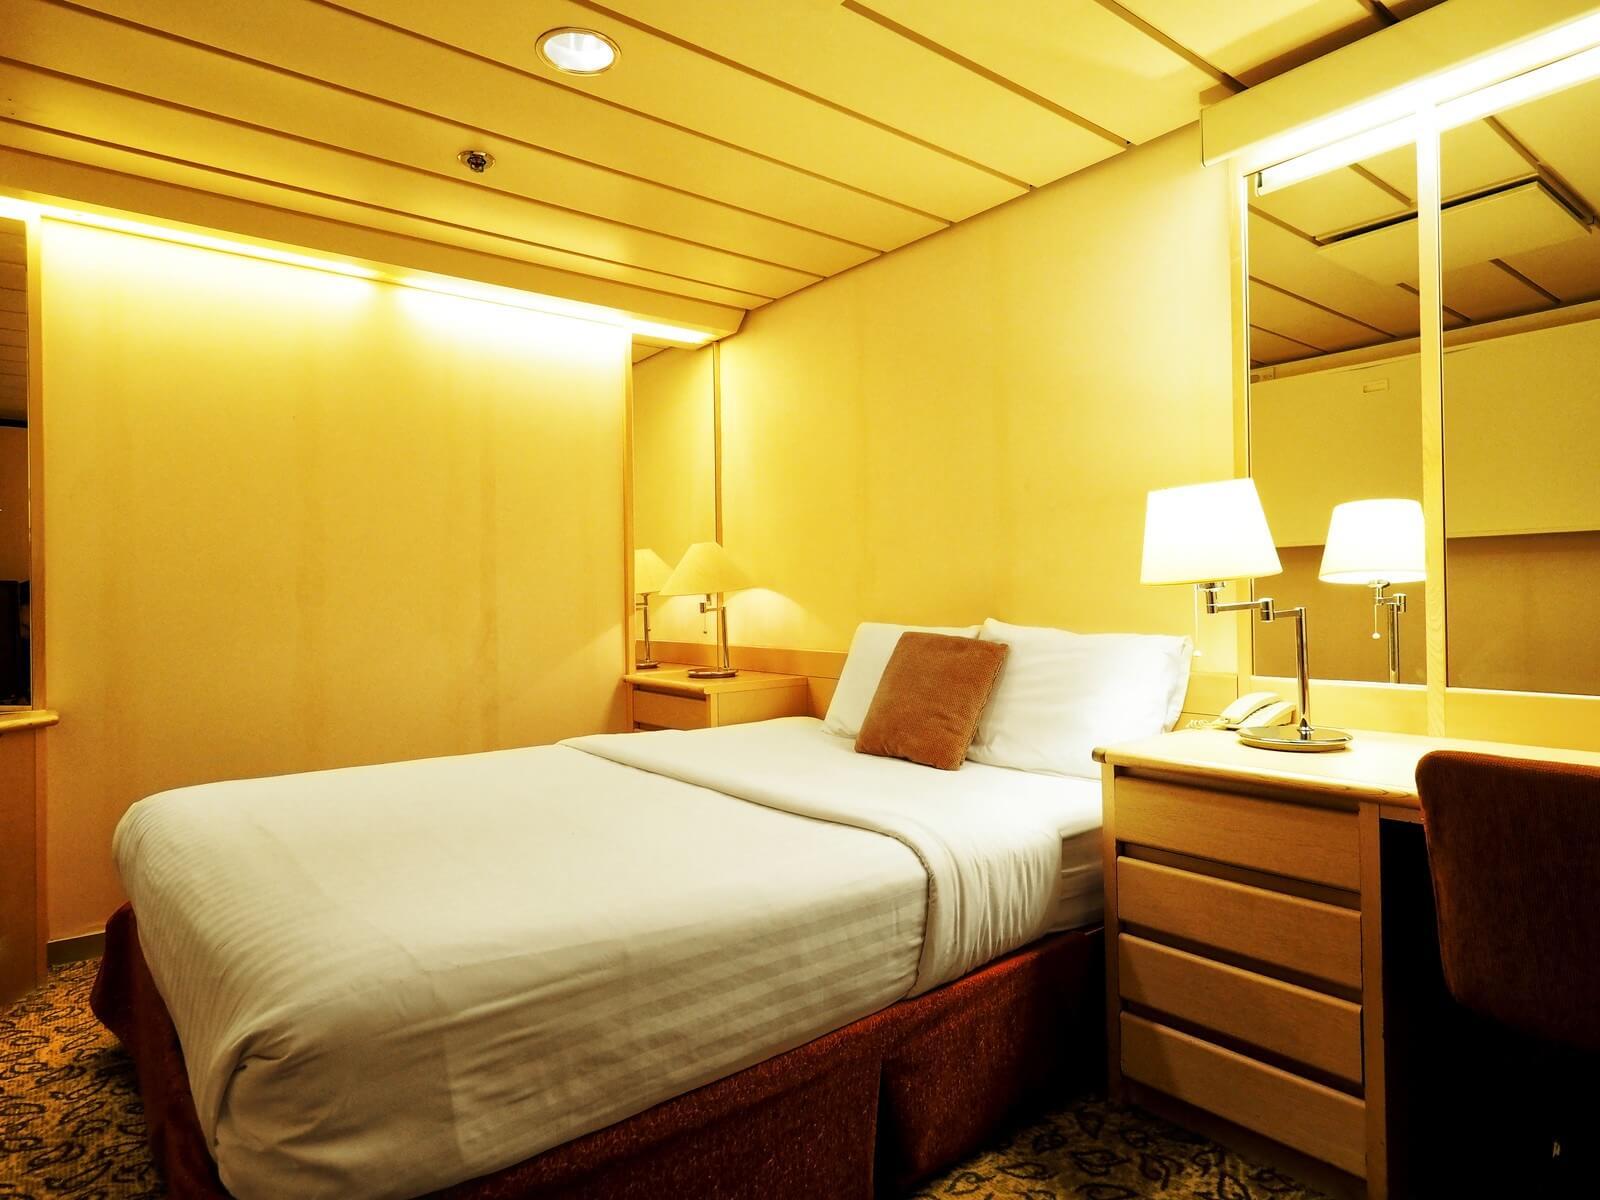 ピースボートプレミアム 客室 エコノミー ダブル